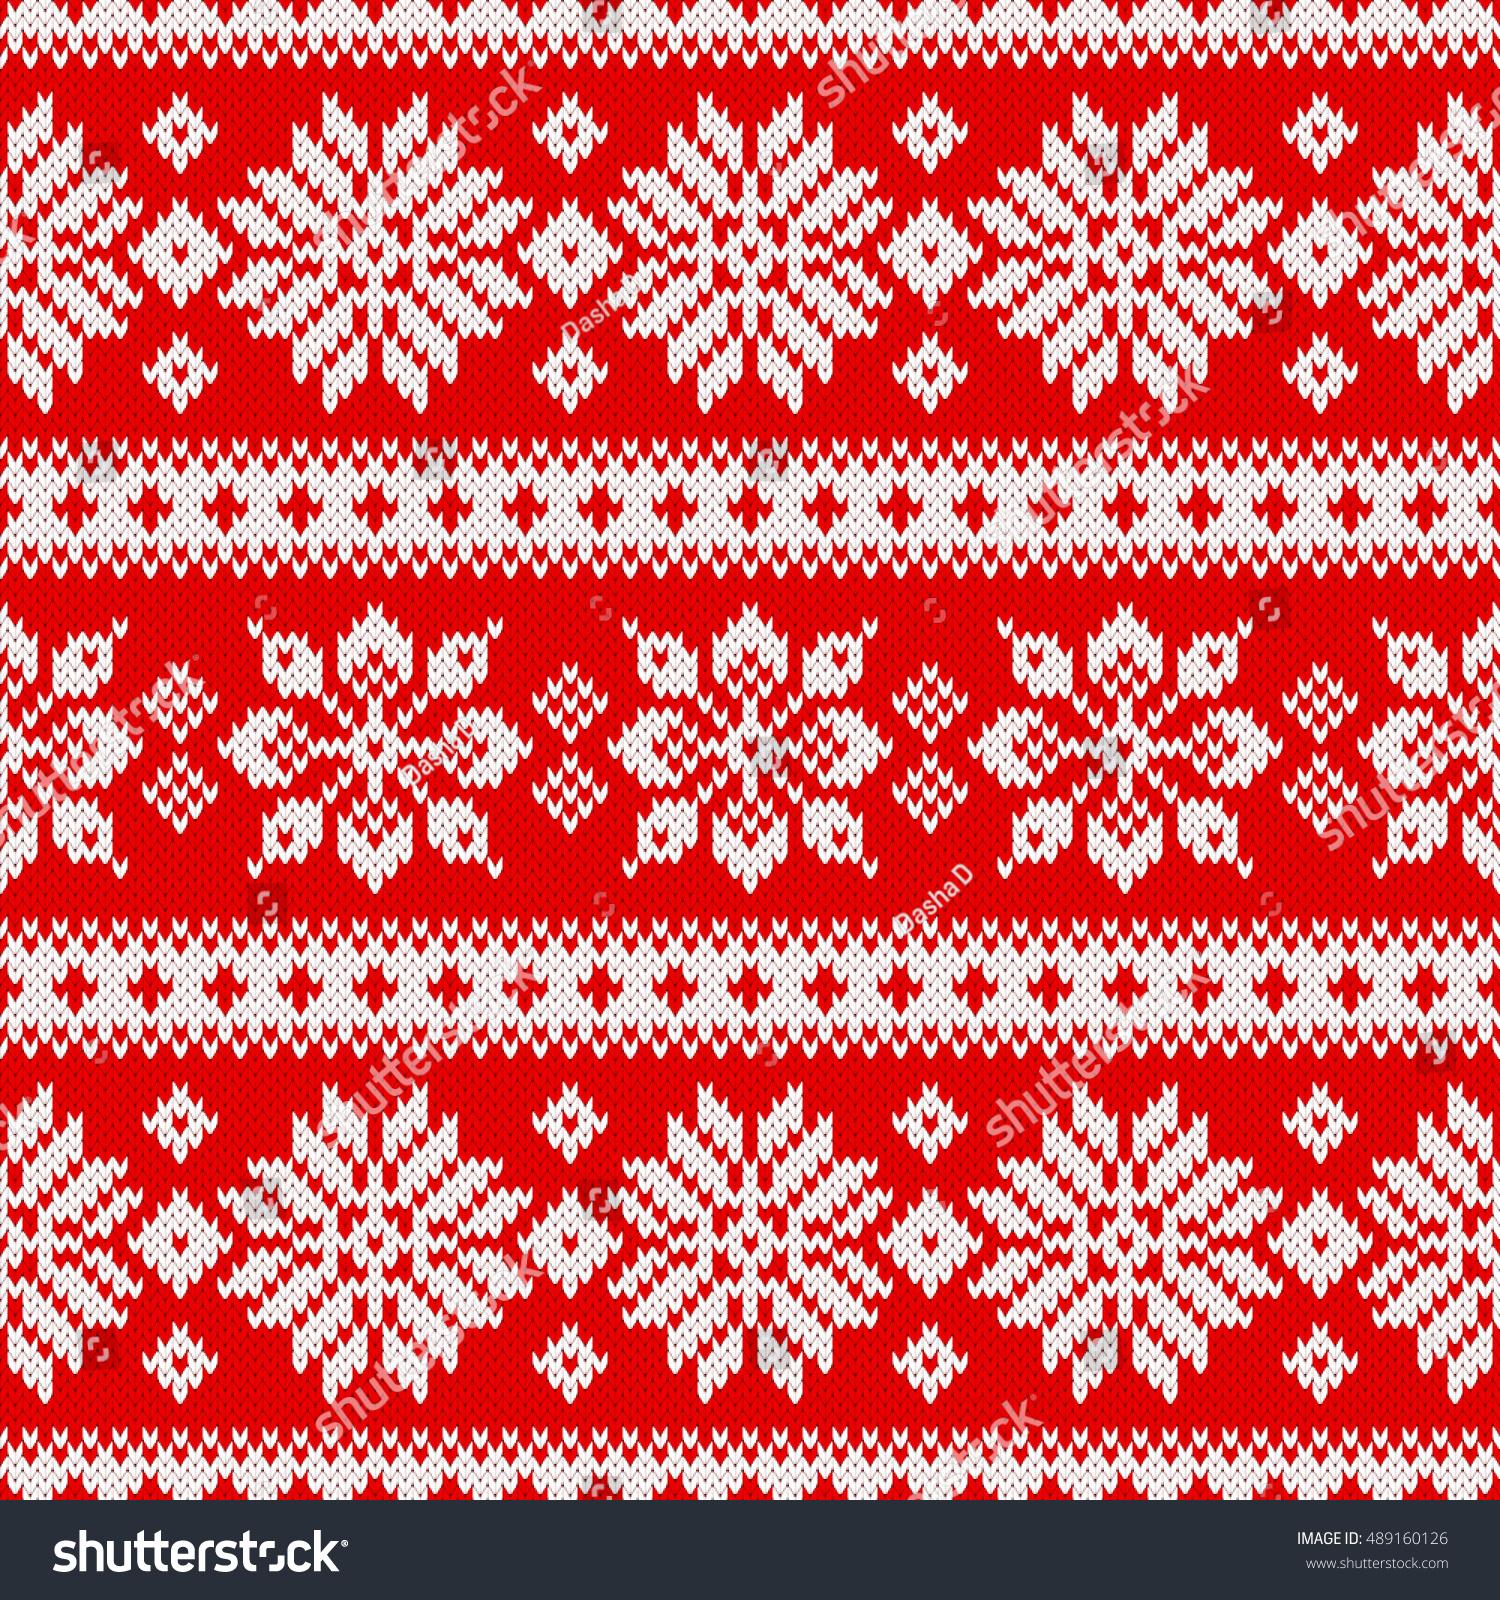 Christmas Knitting Patterns Seamless Knitting Pattern Snowflakes Scandinavian Style Stock